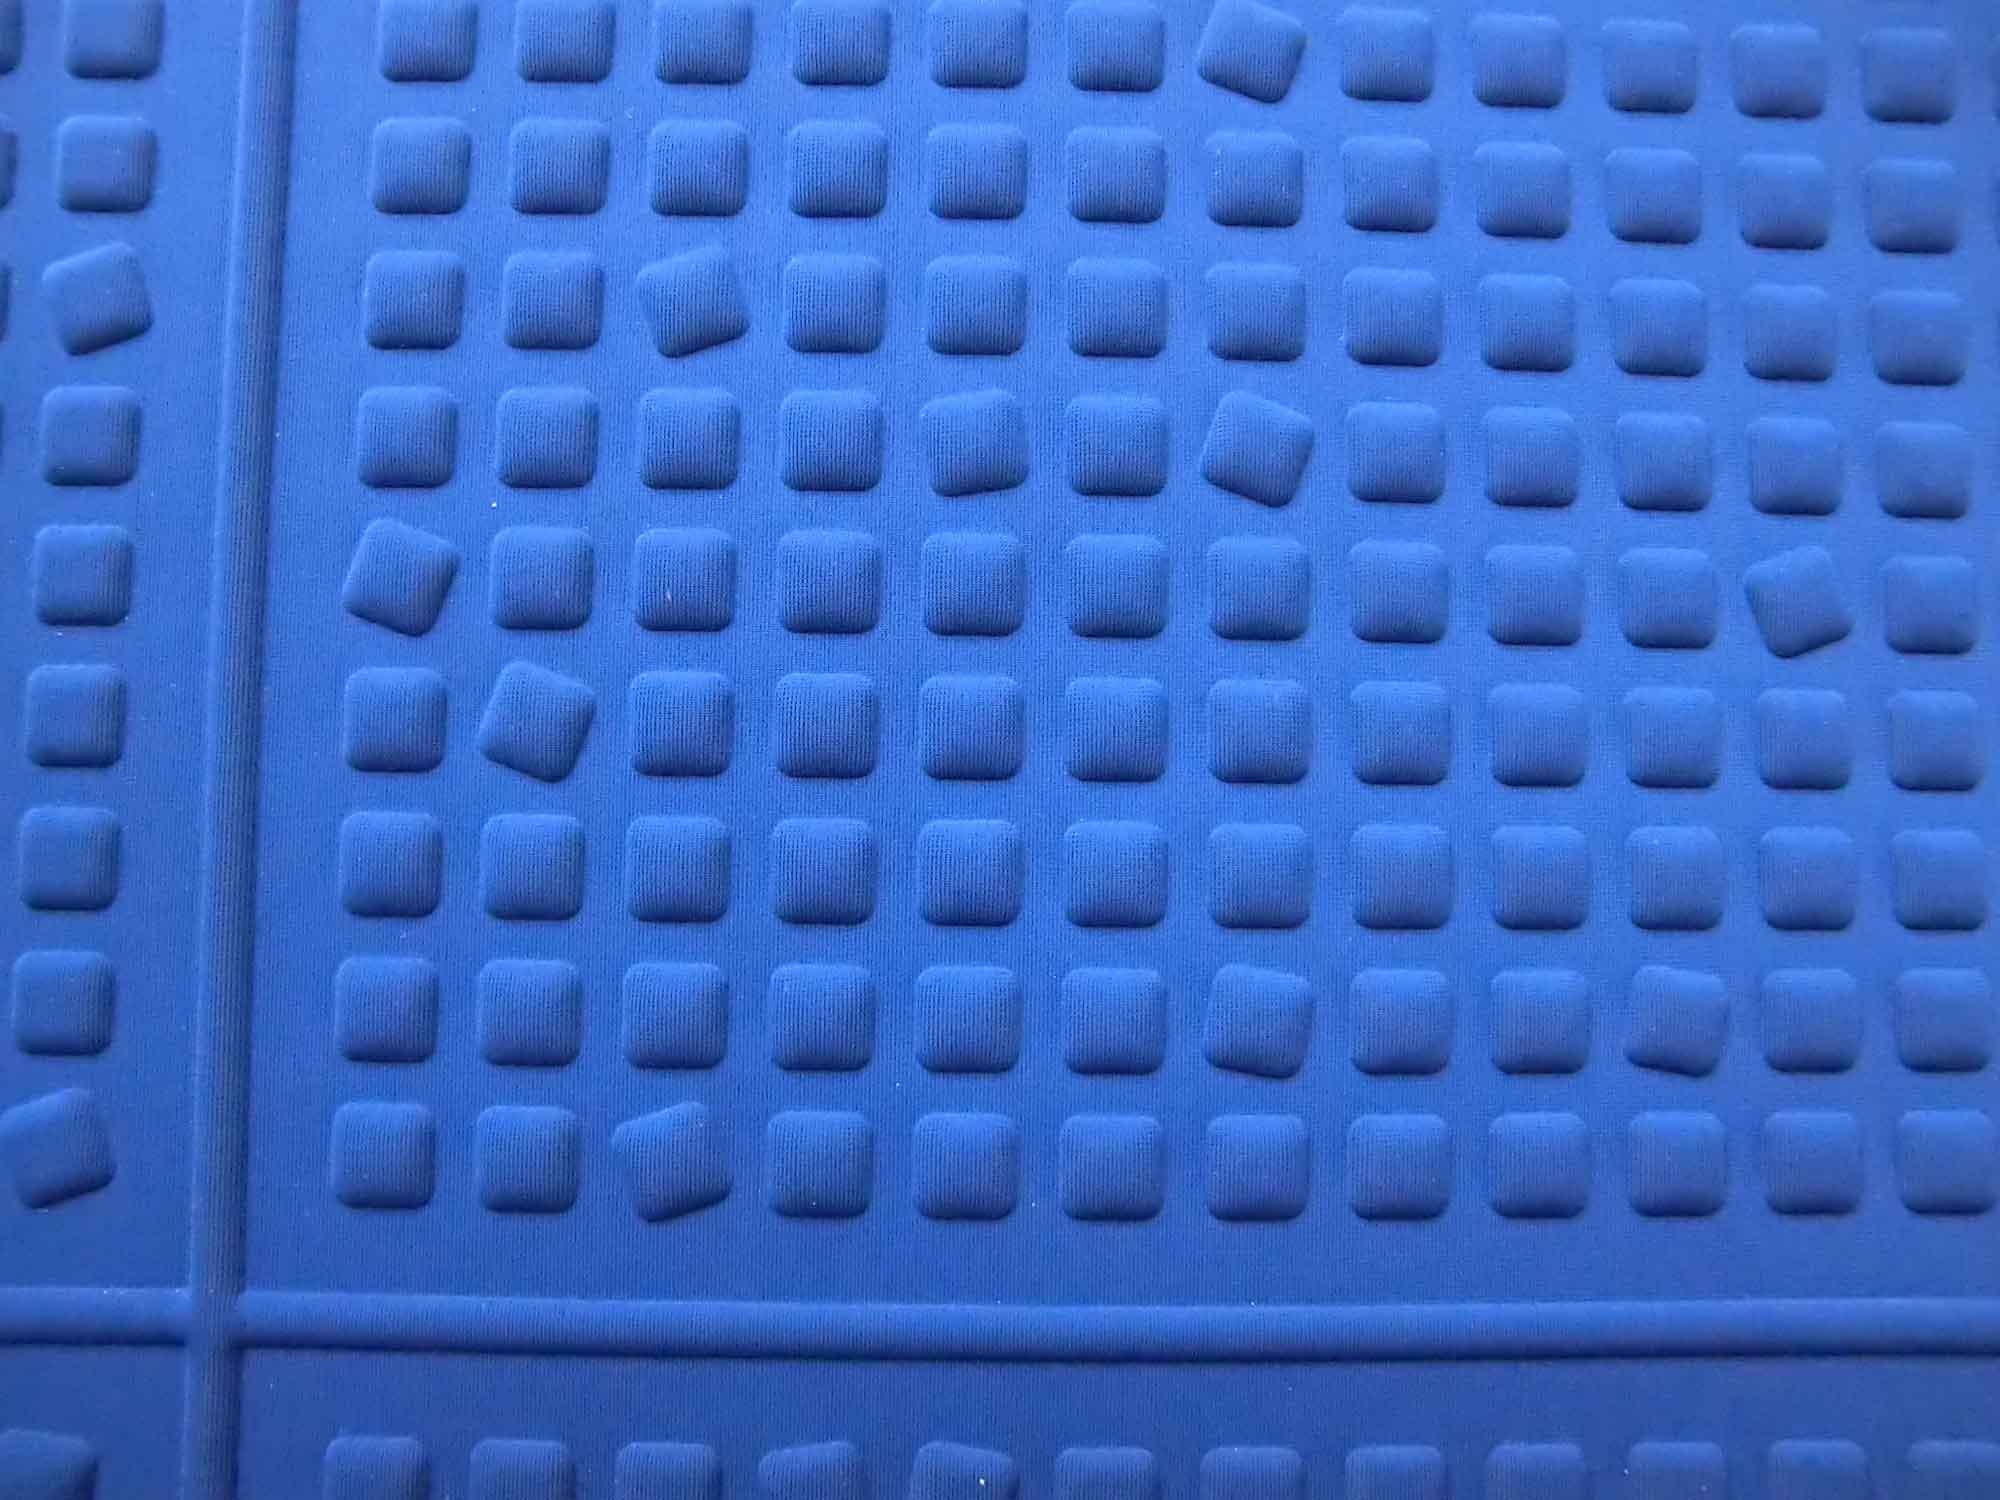 Fototapete Schlafzimmer Bauhaus Schlafsofas 160 X 200 Einbau